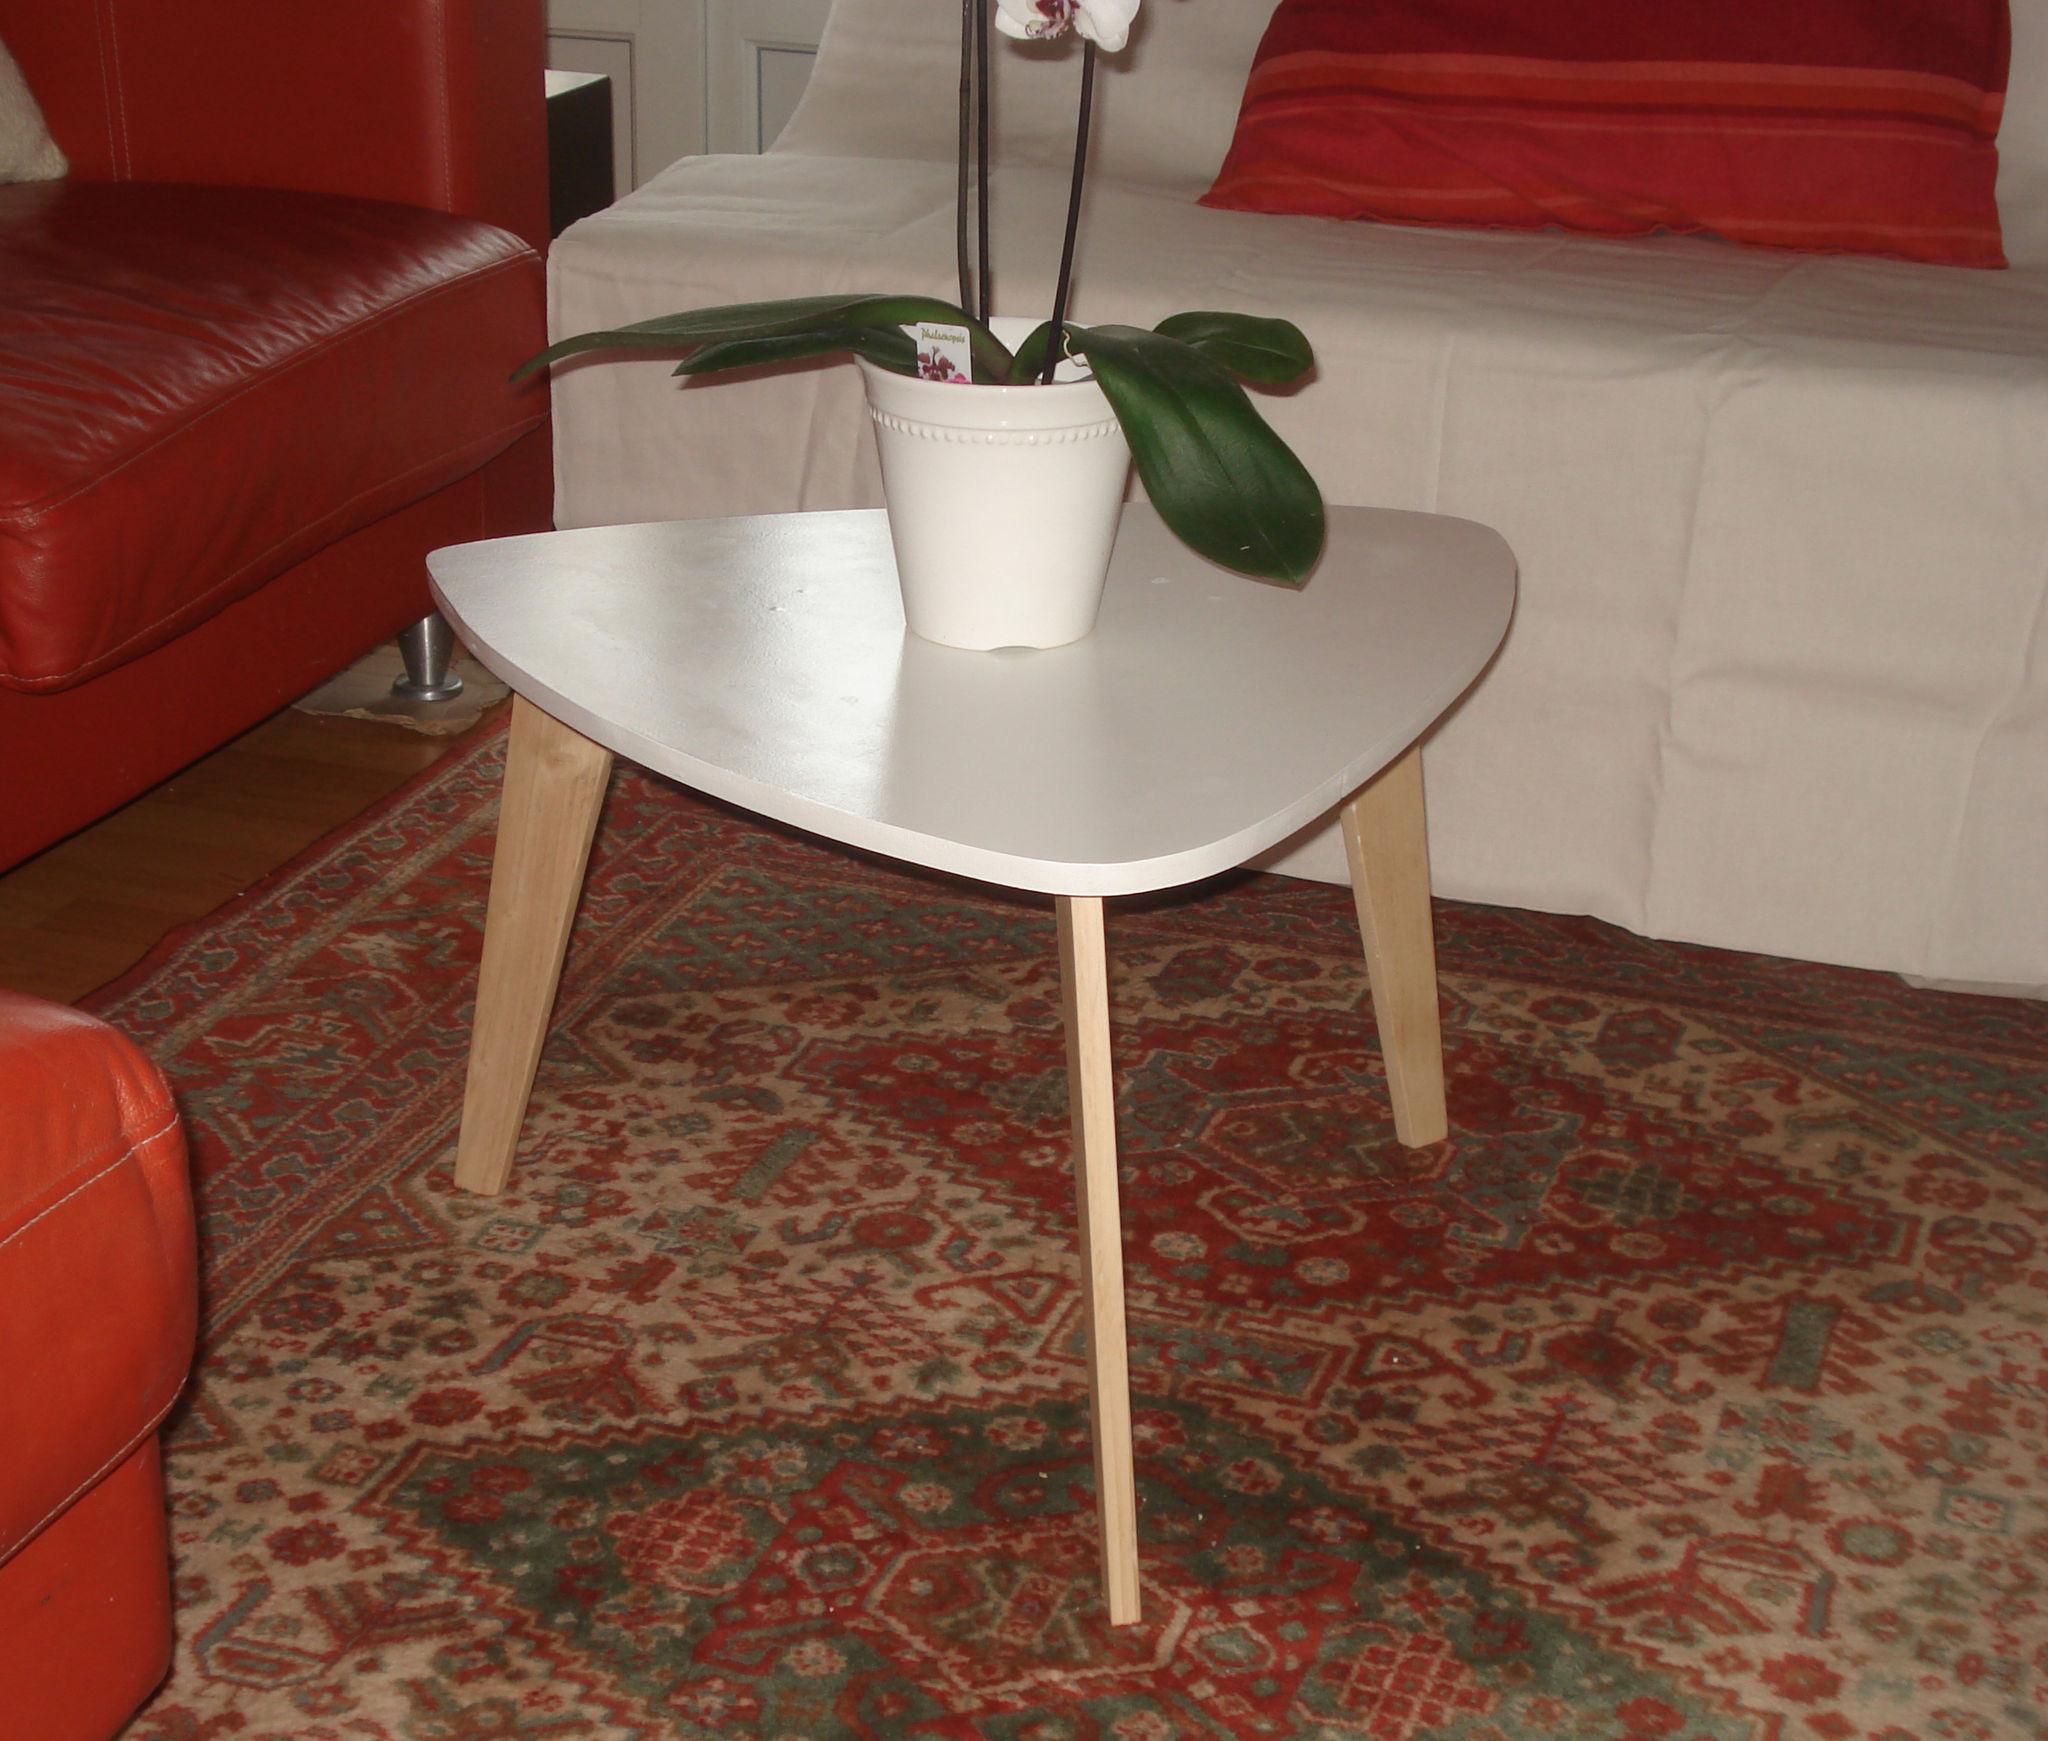 Table Basse Style Années 50 Le Blog De Béa